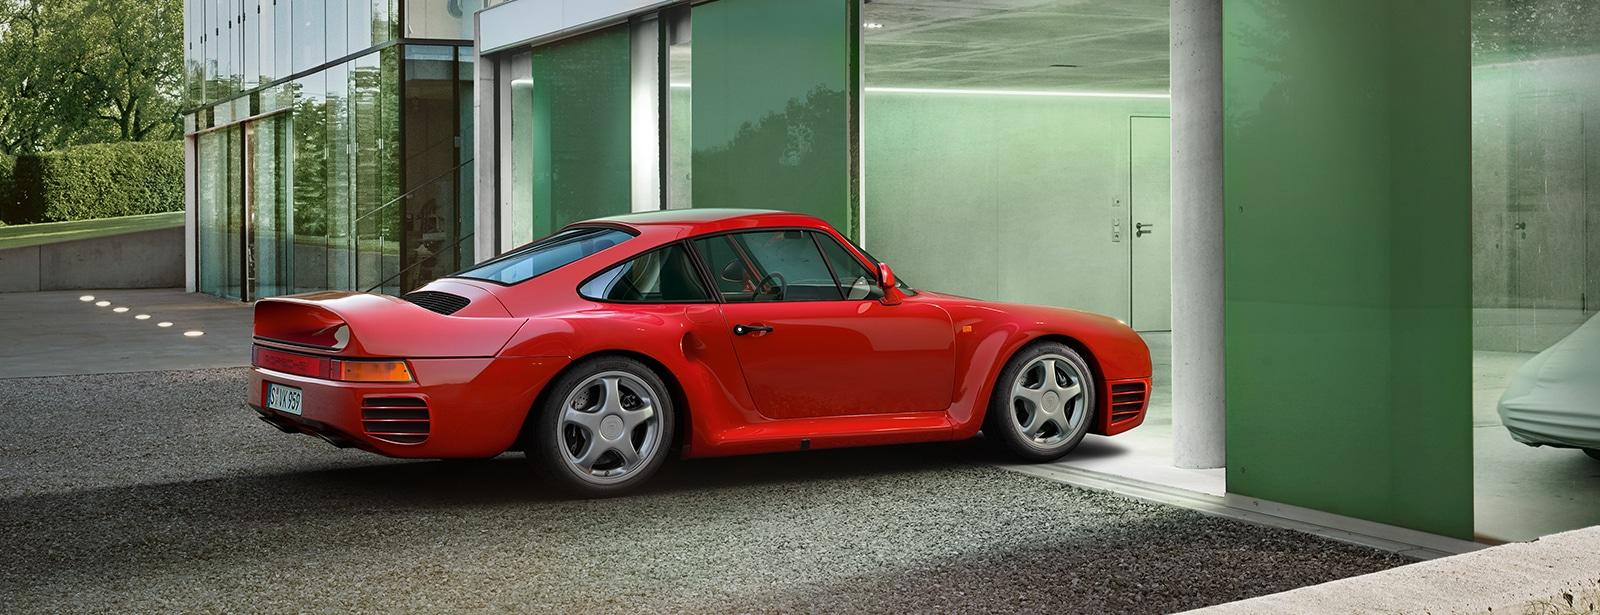 Porsche 959: la burocracia no siempre es tan mala